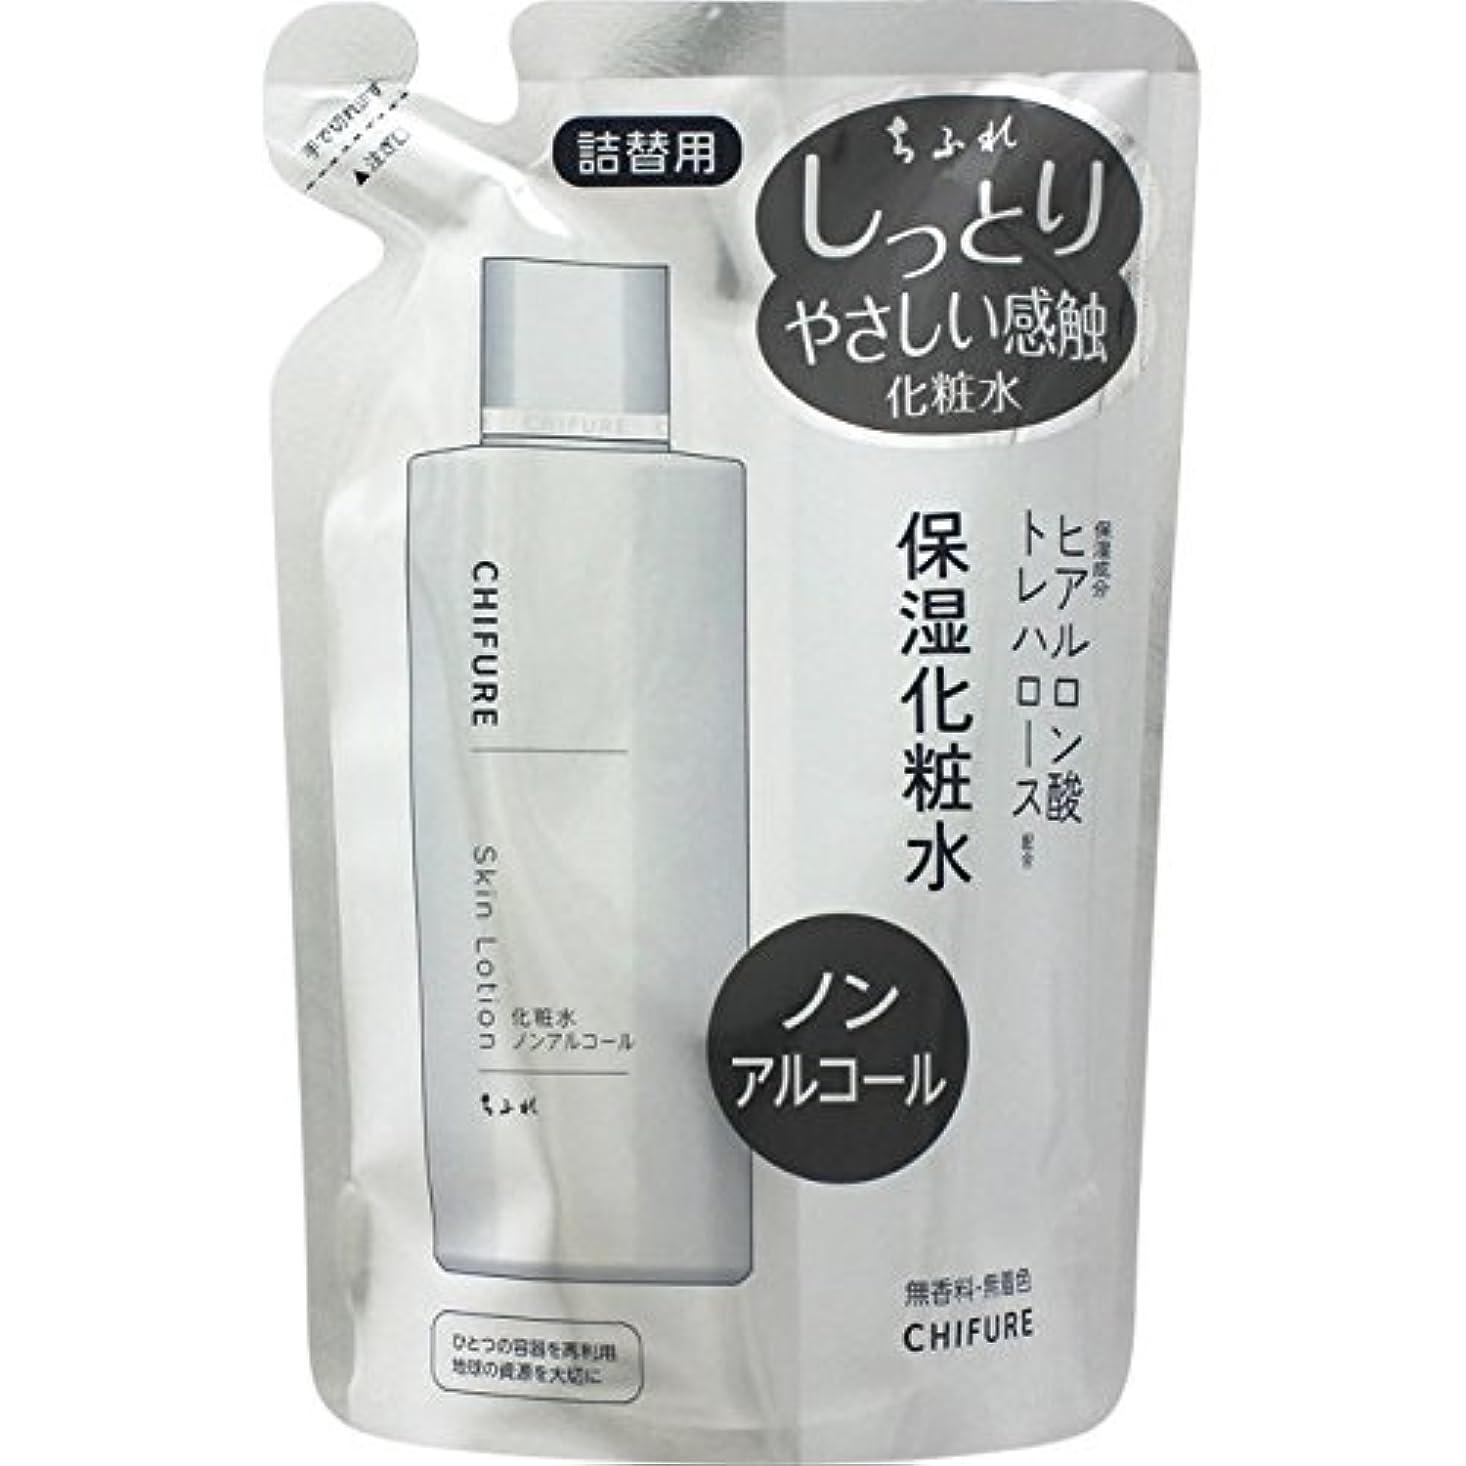 ランク顧問履歴書ちふれ化粧品 化粧水Nノンアルコールタイプ詰替用 150ml 150ML